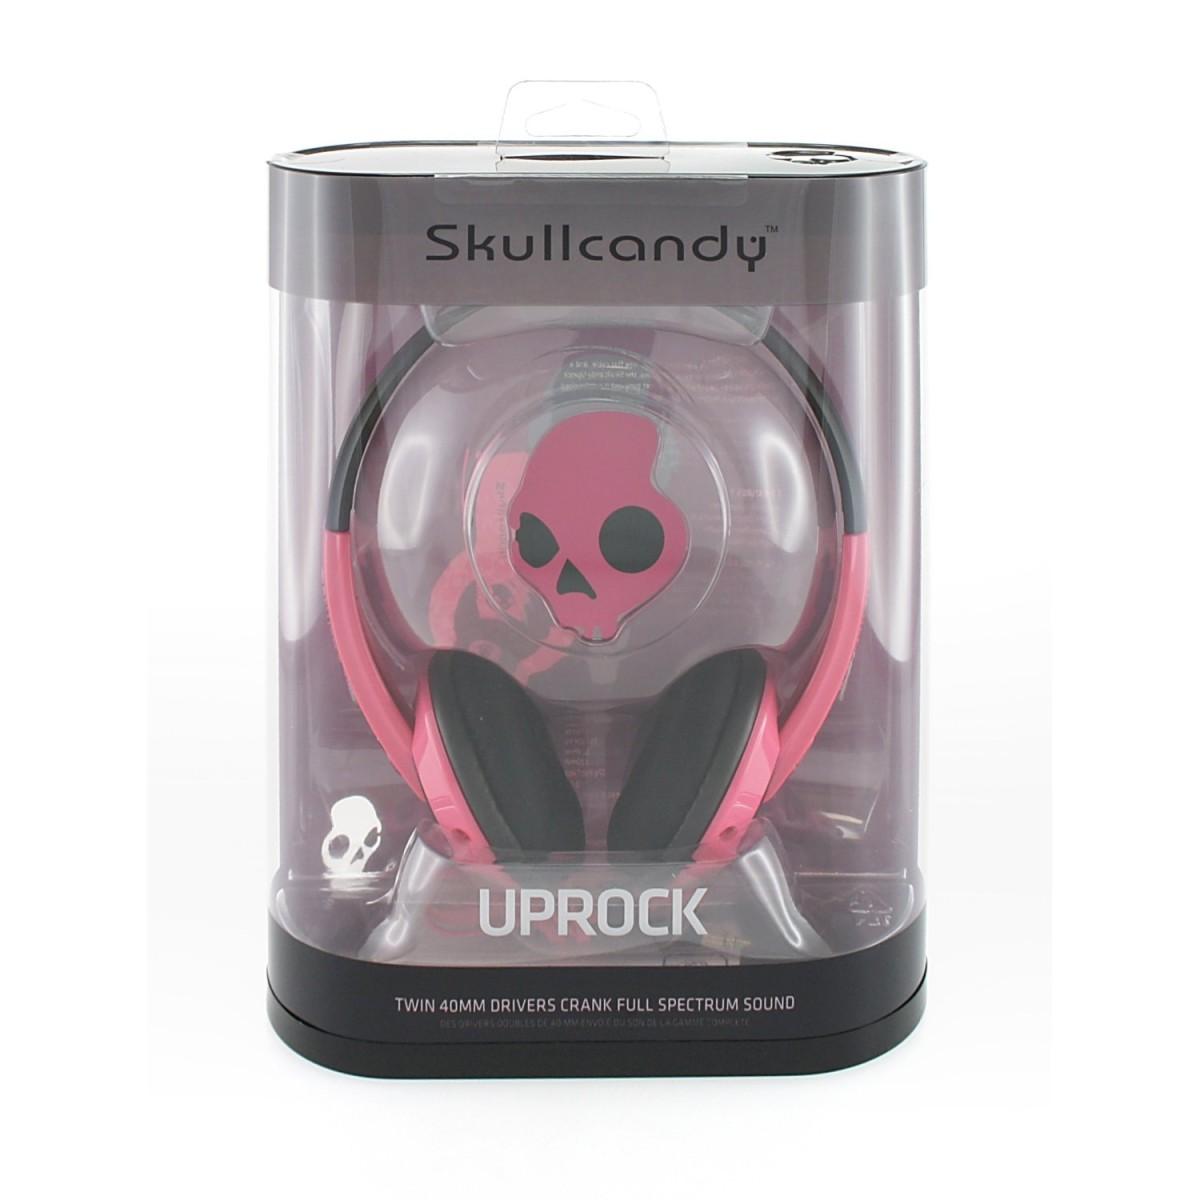 Skullcandy Uprock Headphones Review